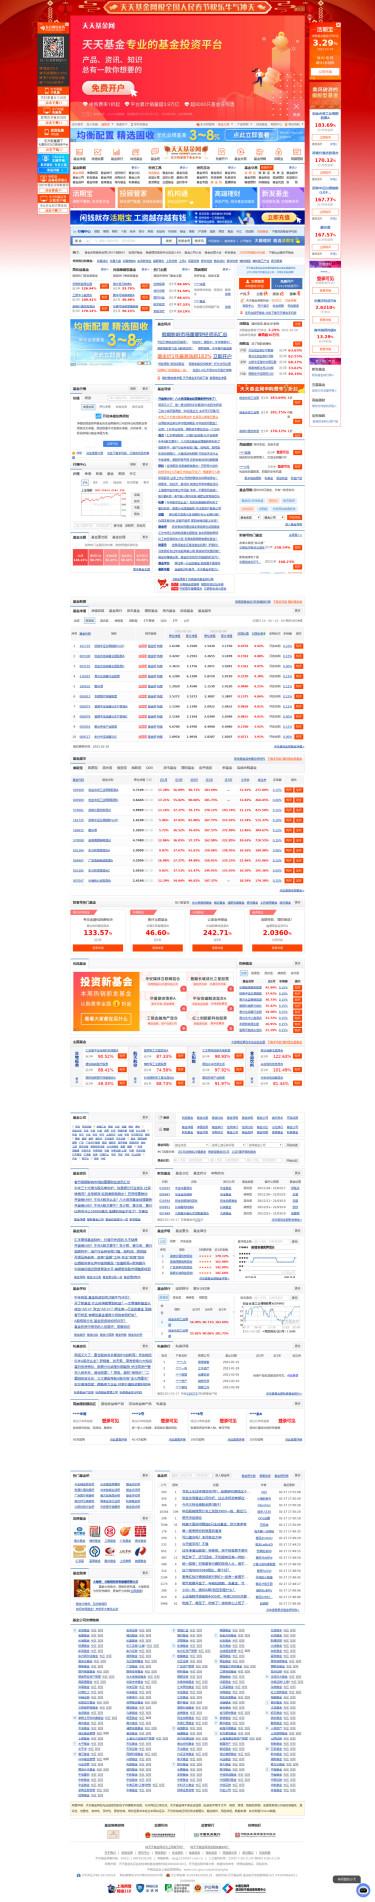 天天基金网 - 首批独立基金销售机构,东方财富网旗下基金平台